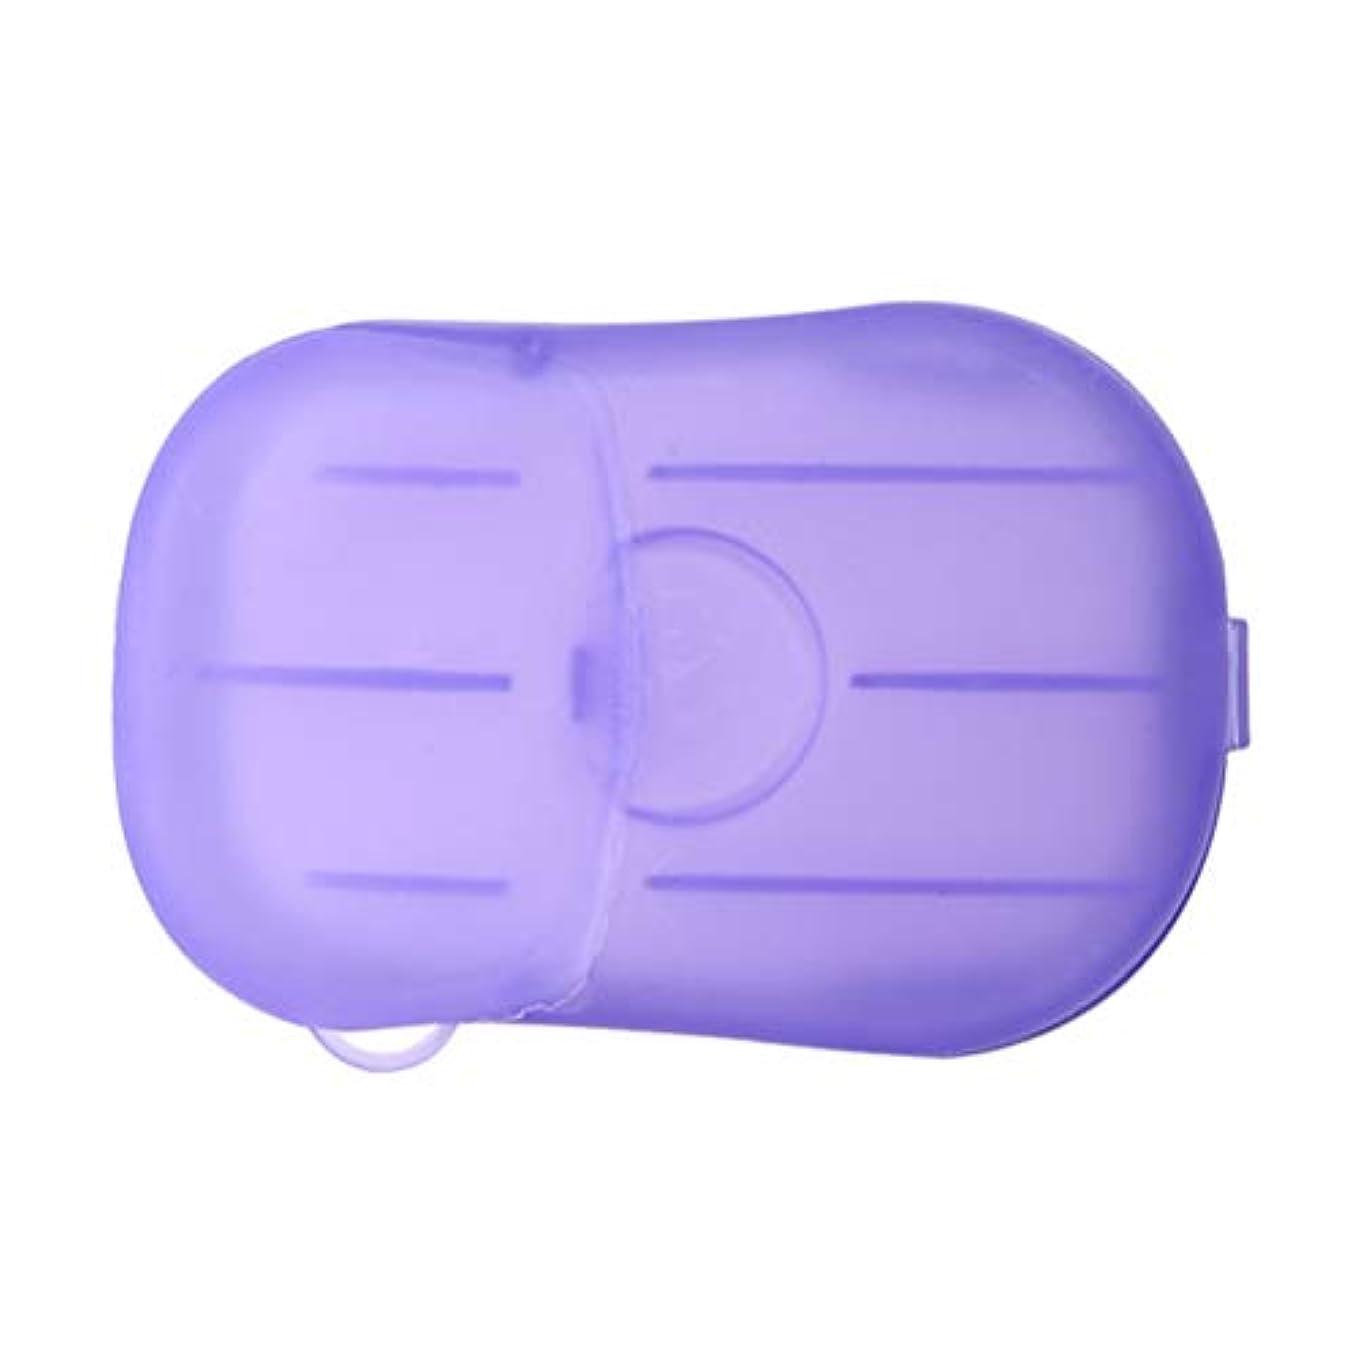 代表して叫び声定数LIOOBO 20ピース石鹸フレーク使い捨てクリーニングペーパーポータブルシャワー用品手洗い石鹸シーツ付きトラベルキャンプハイキング(パープル)